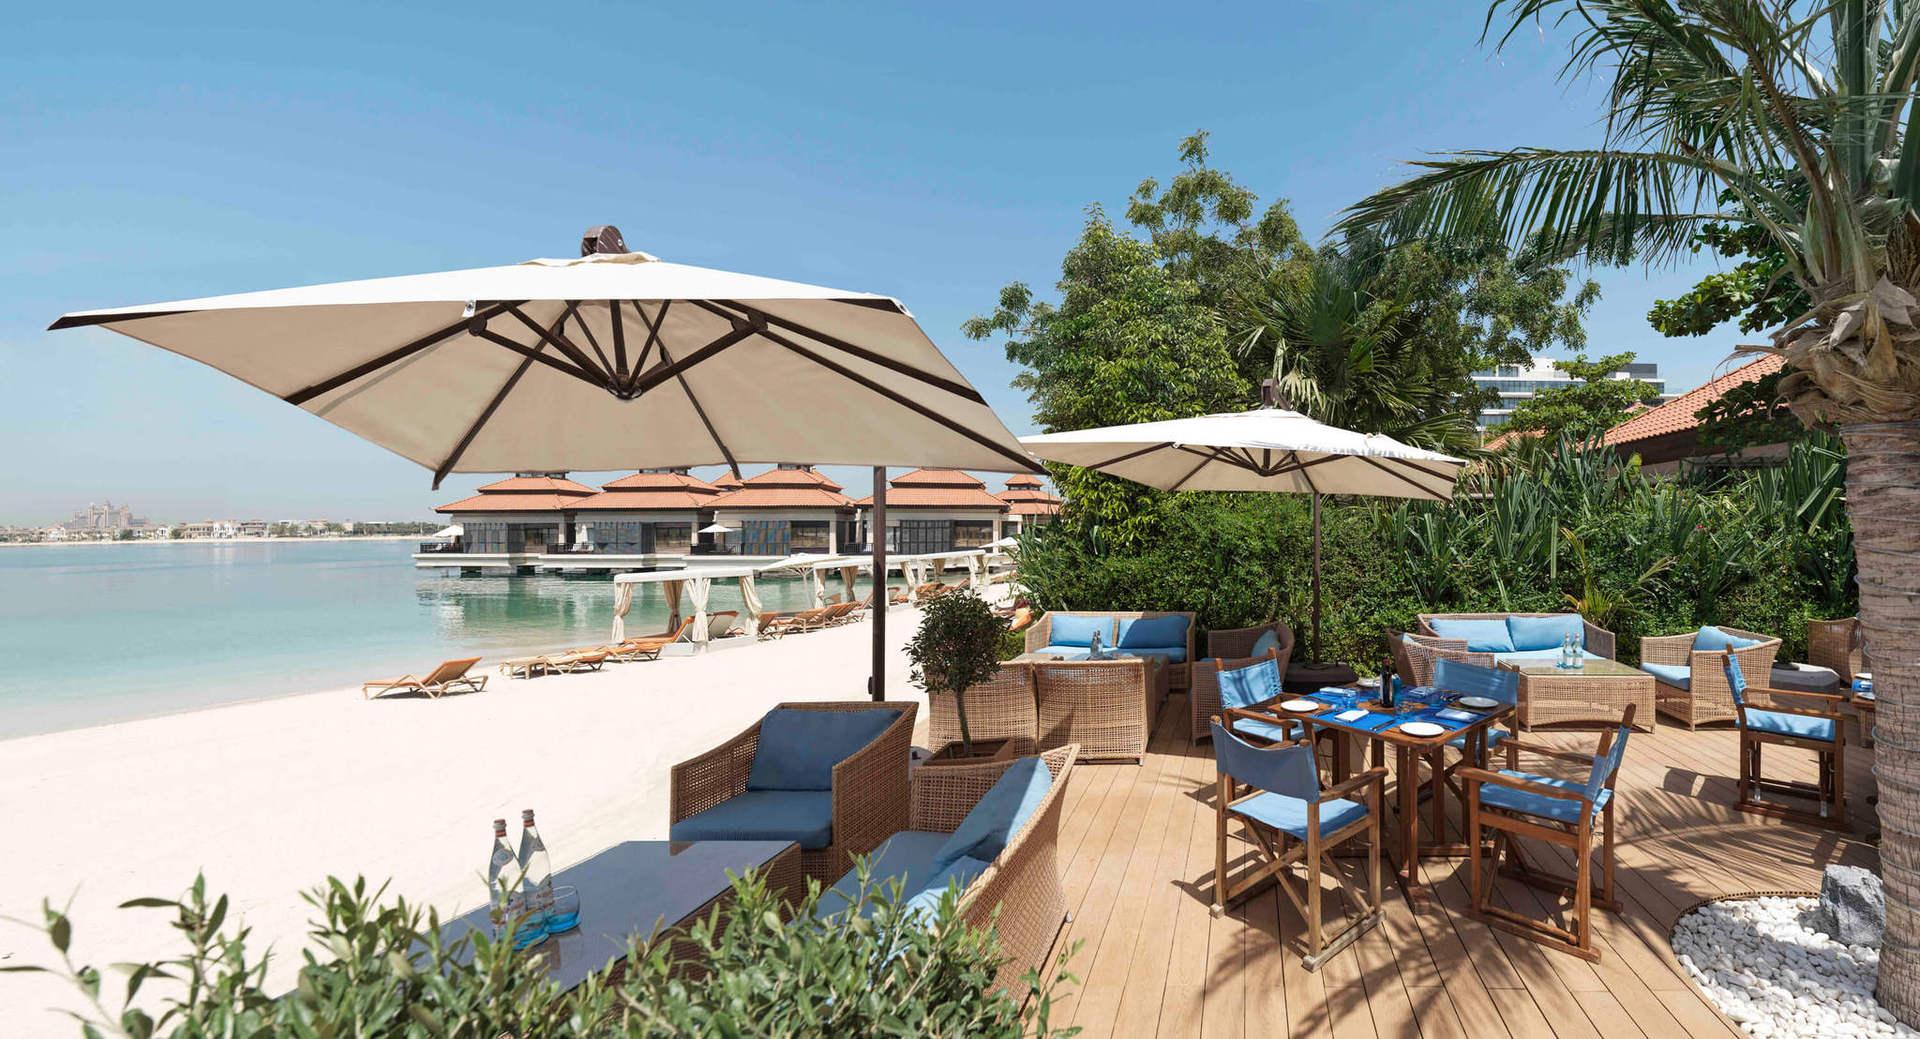 Три ресторани, пляжний, лоббі та бар біля басейну, кав'ярня  - обирайте, де будете снідати, відпочивати з прозолодним коктейлем чи насолоджуватись спокійним вечором у компанії друзів.